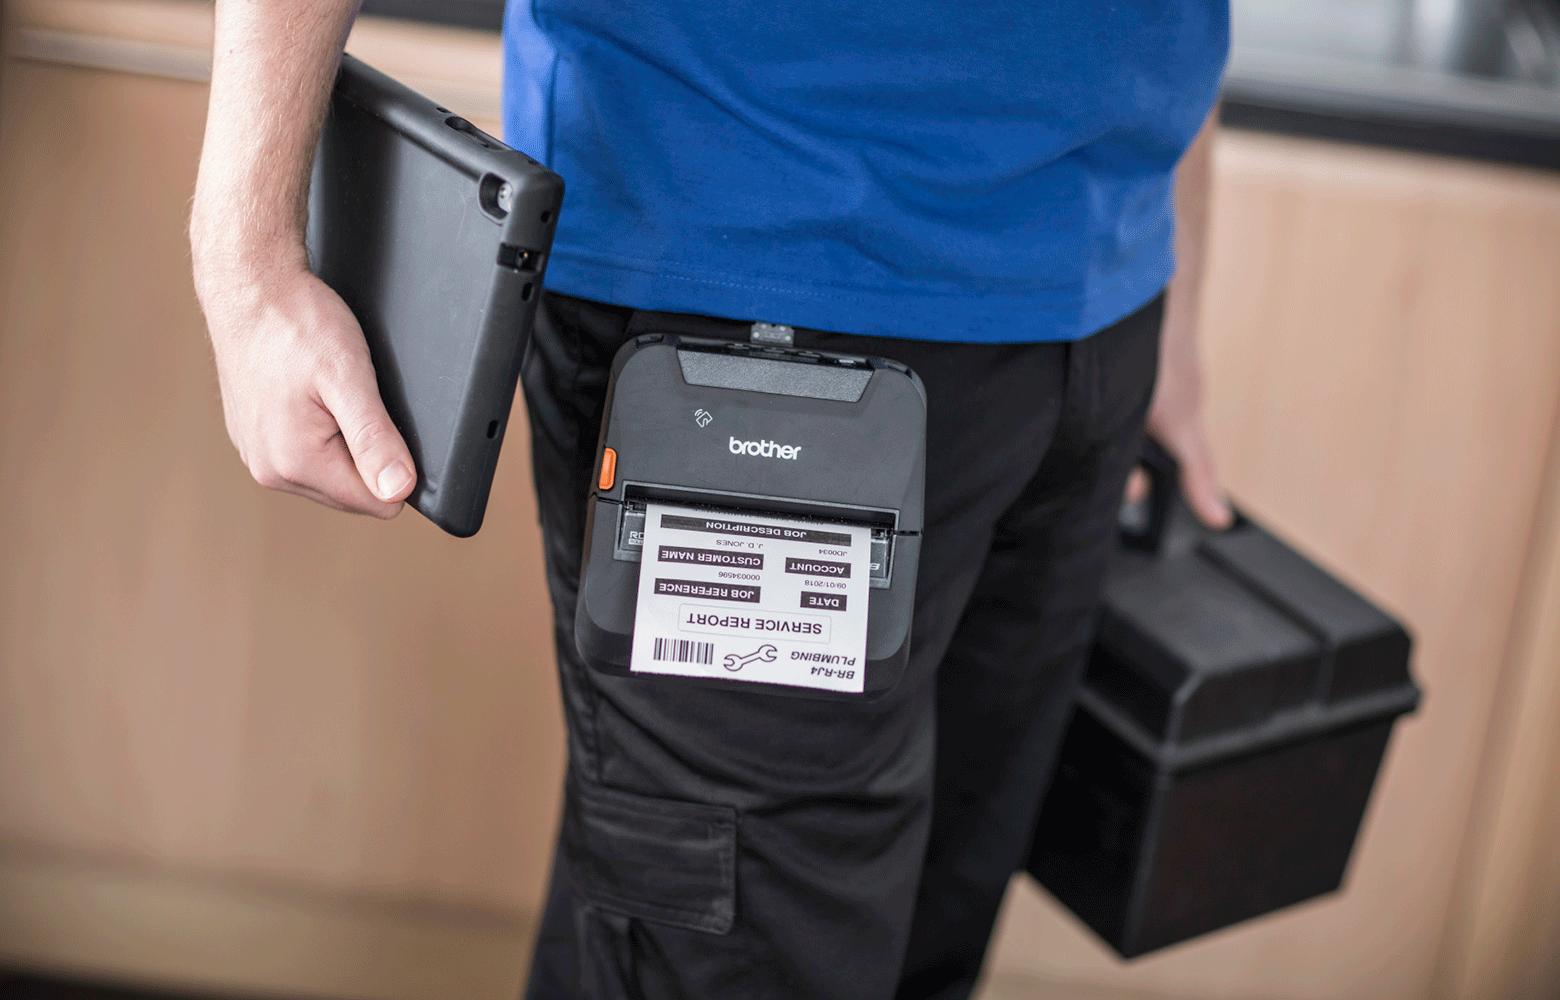 Servicepersonal på fältet med mobil skrivare i bältet